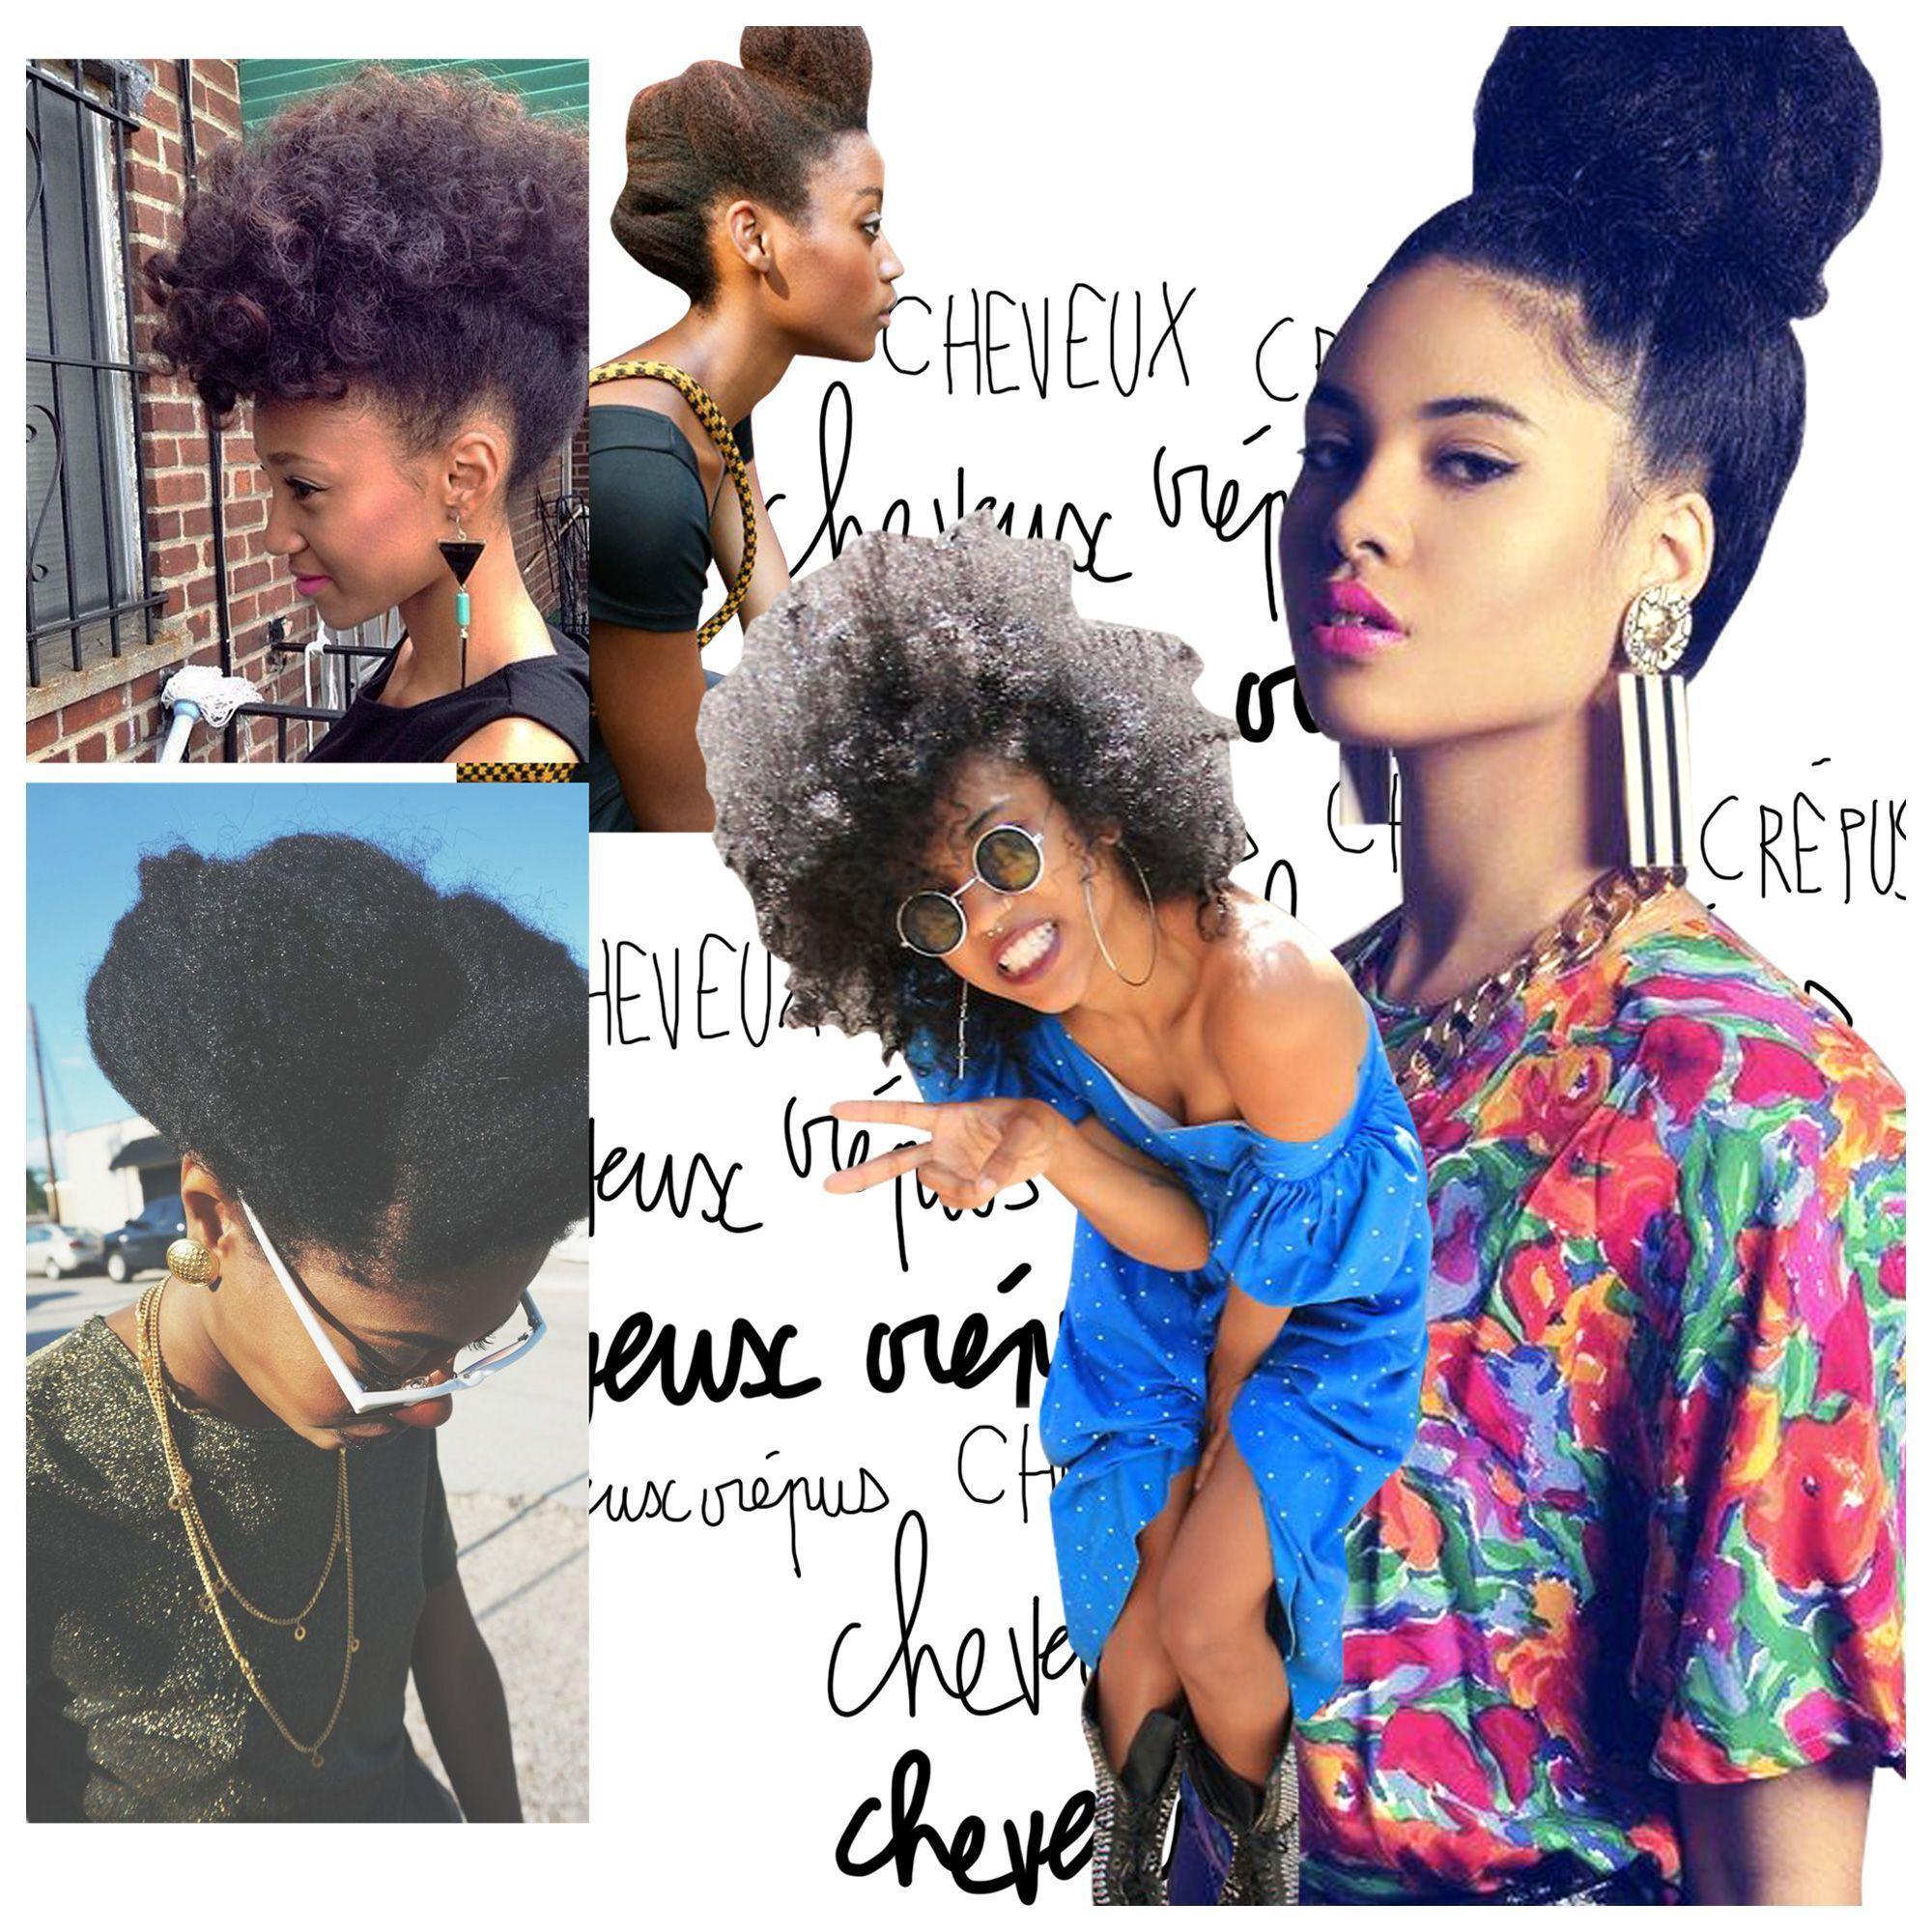 Cheveux crépus : 20 idées de coiffures simples mais pointues